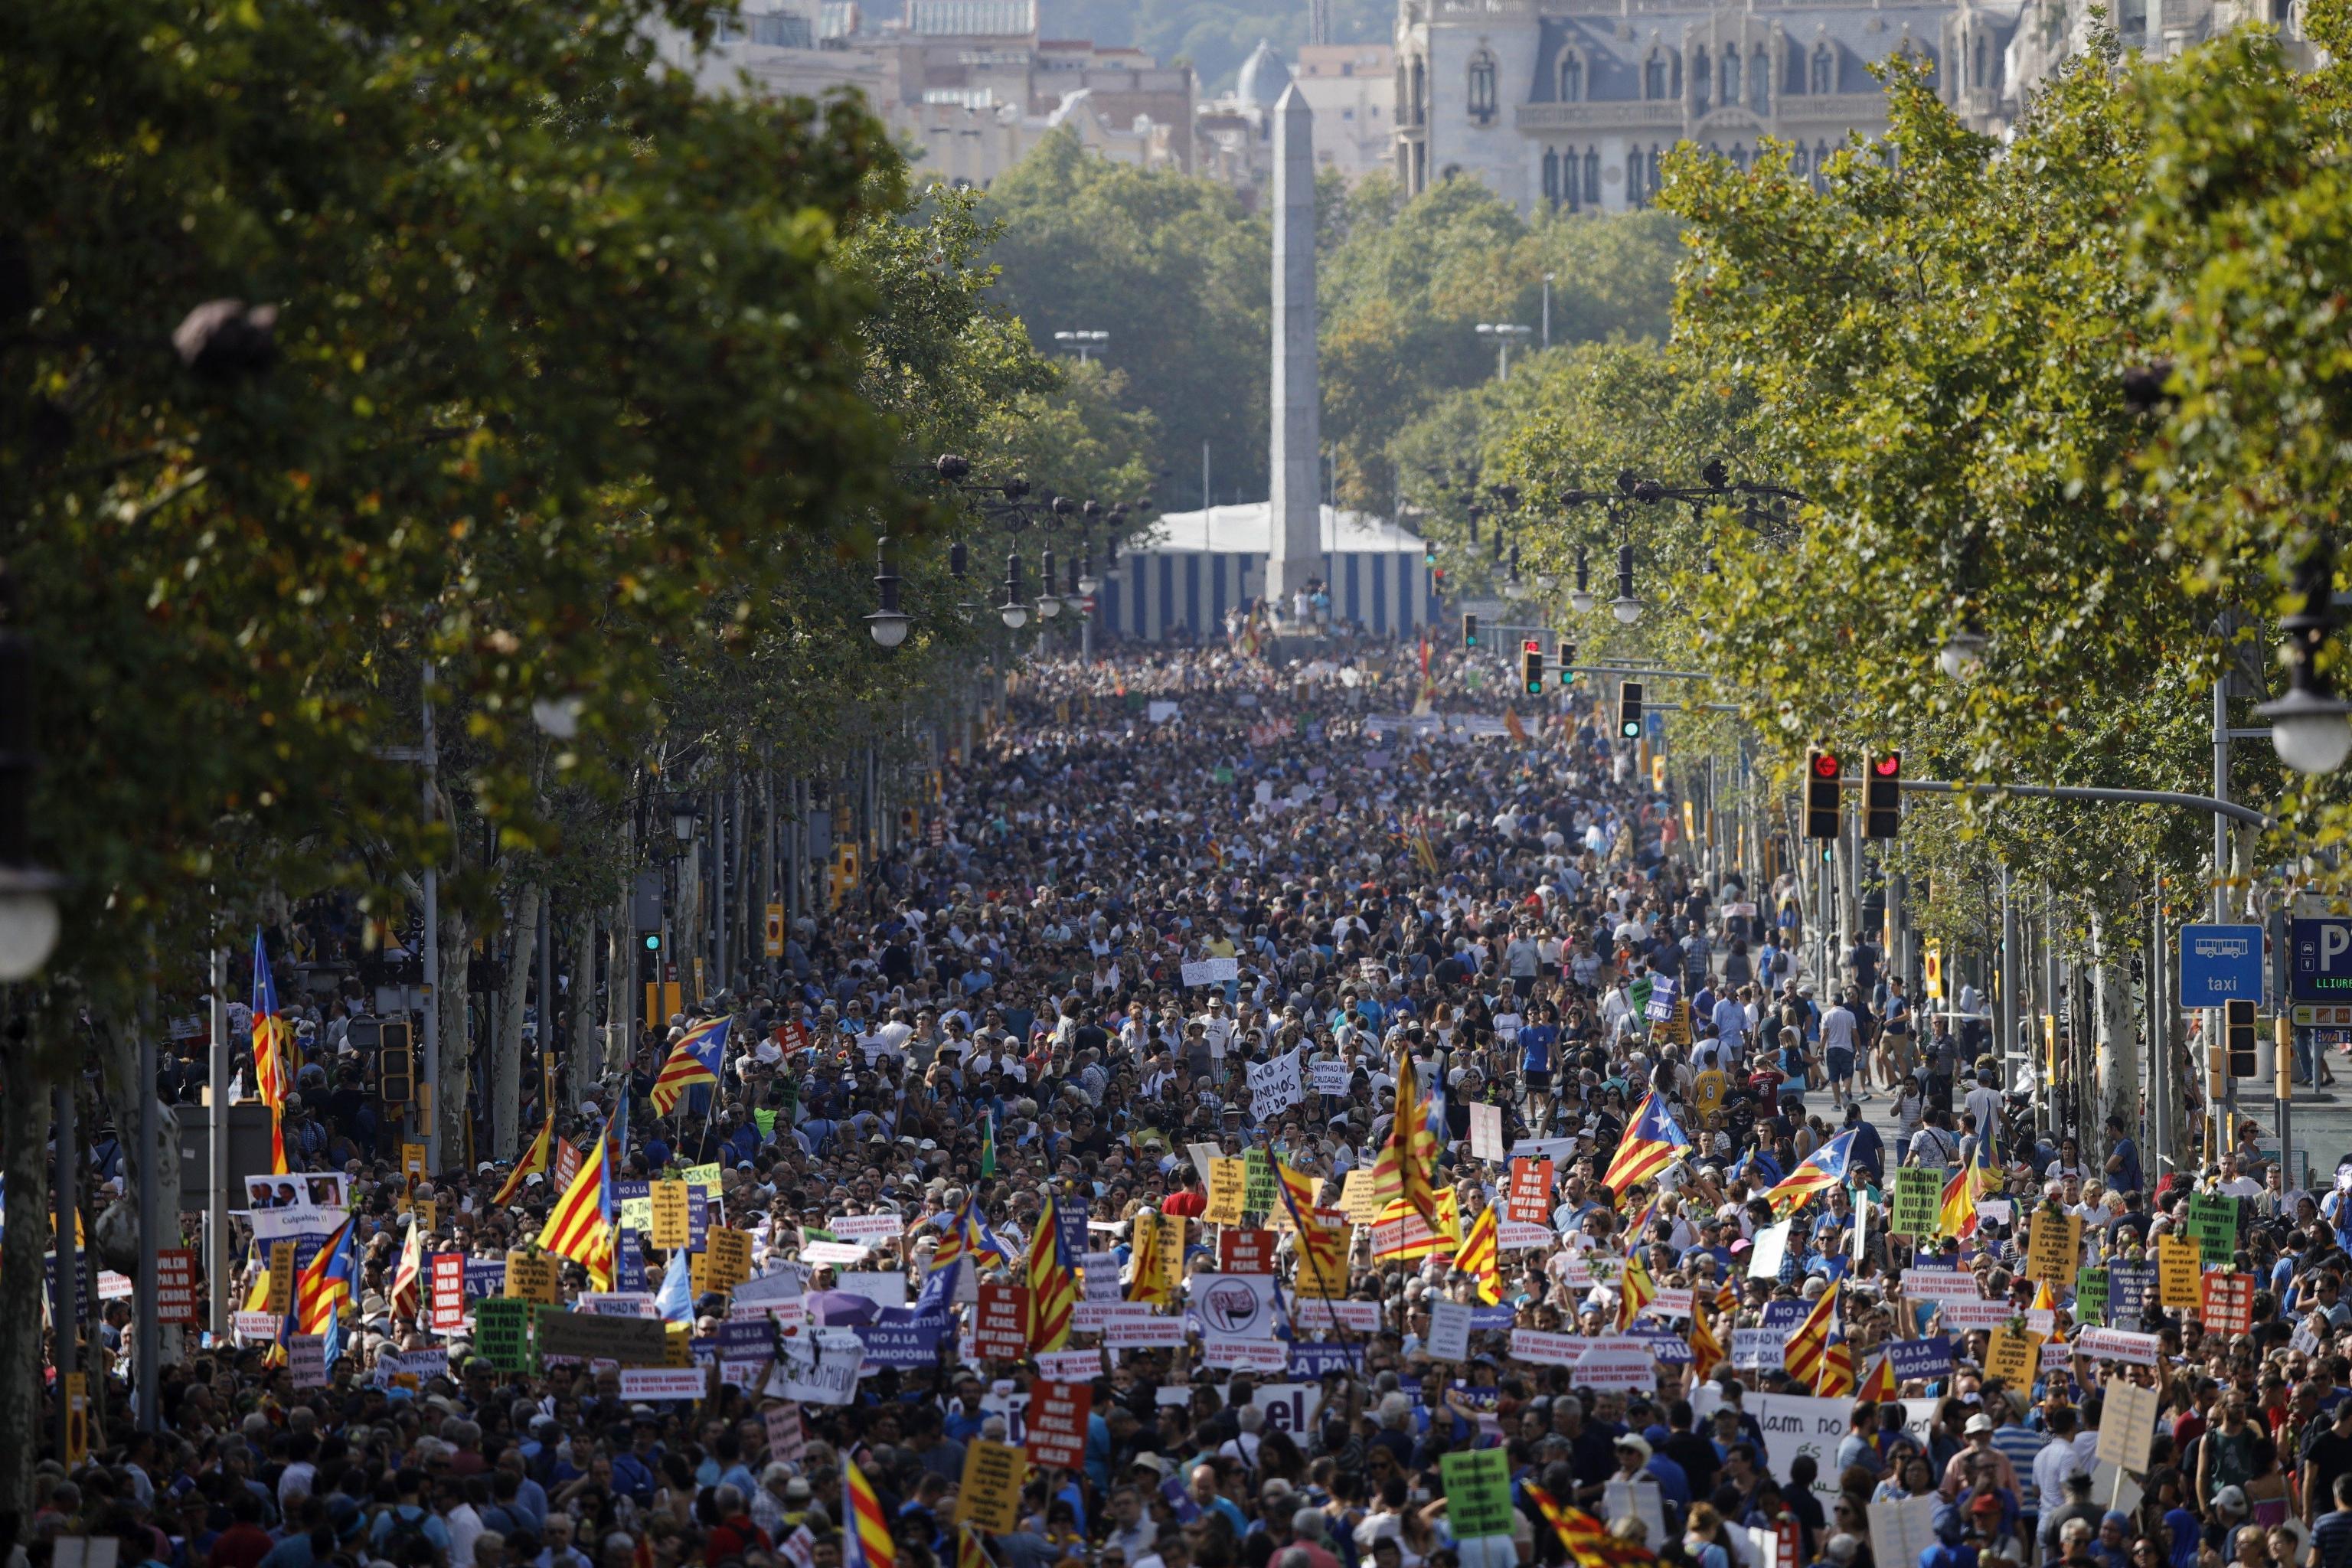 Barcellona in corteo contro il terrorismo:  Non abbiamo paura